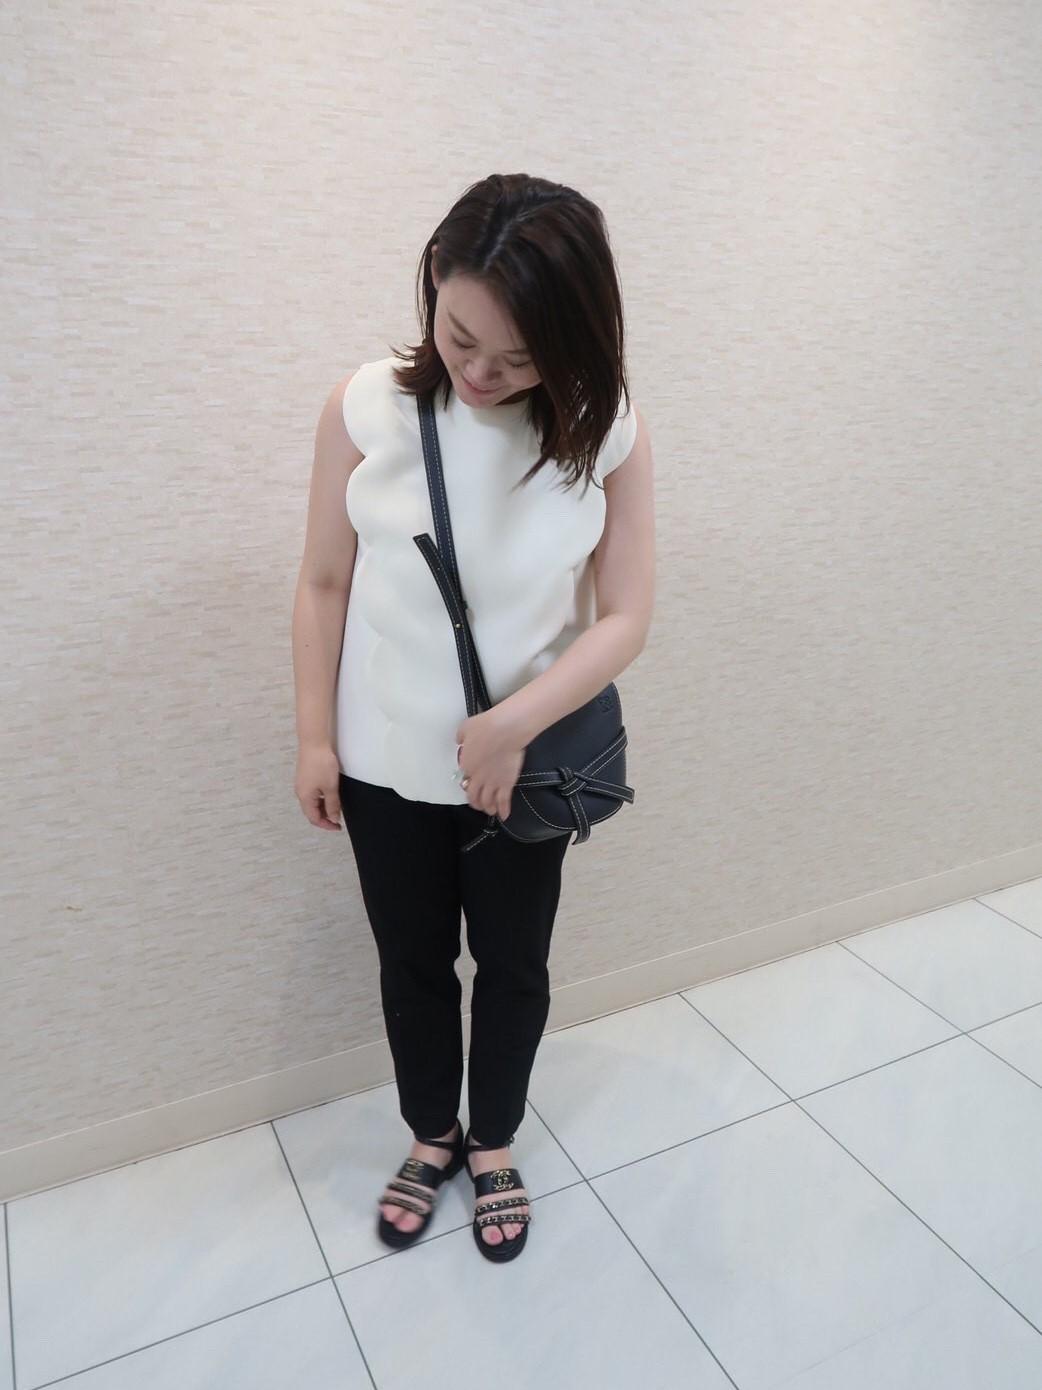 妊娠7カ月のマタニティのマタニティコーデ。YOKO CHAN(ヨーコチャン)のトップス×UNIQLO(ユニクロ)のマタニティパンツ。